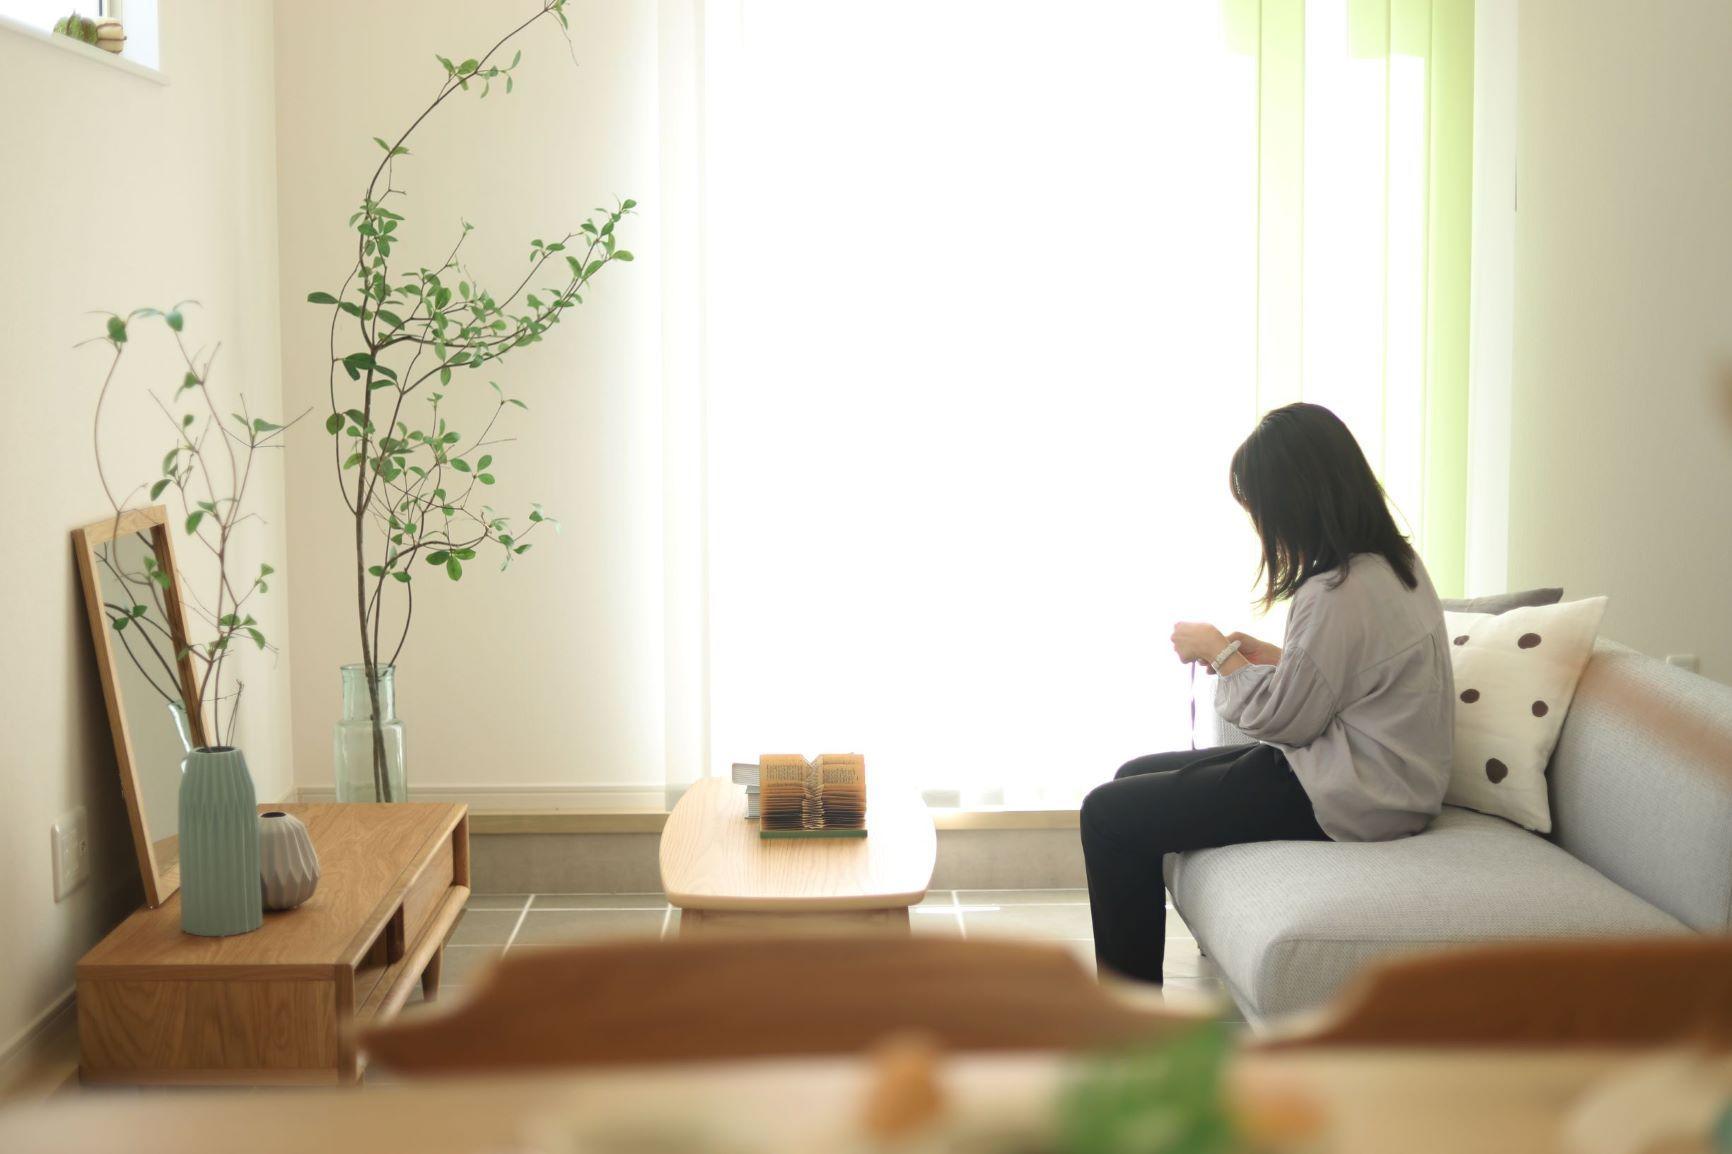 リビングは吹き抜けなので、窓を閉めていても開放的な空間が広がります。